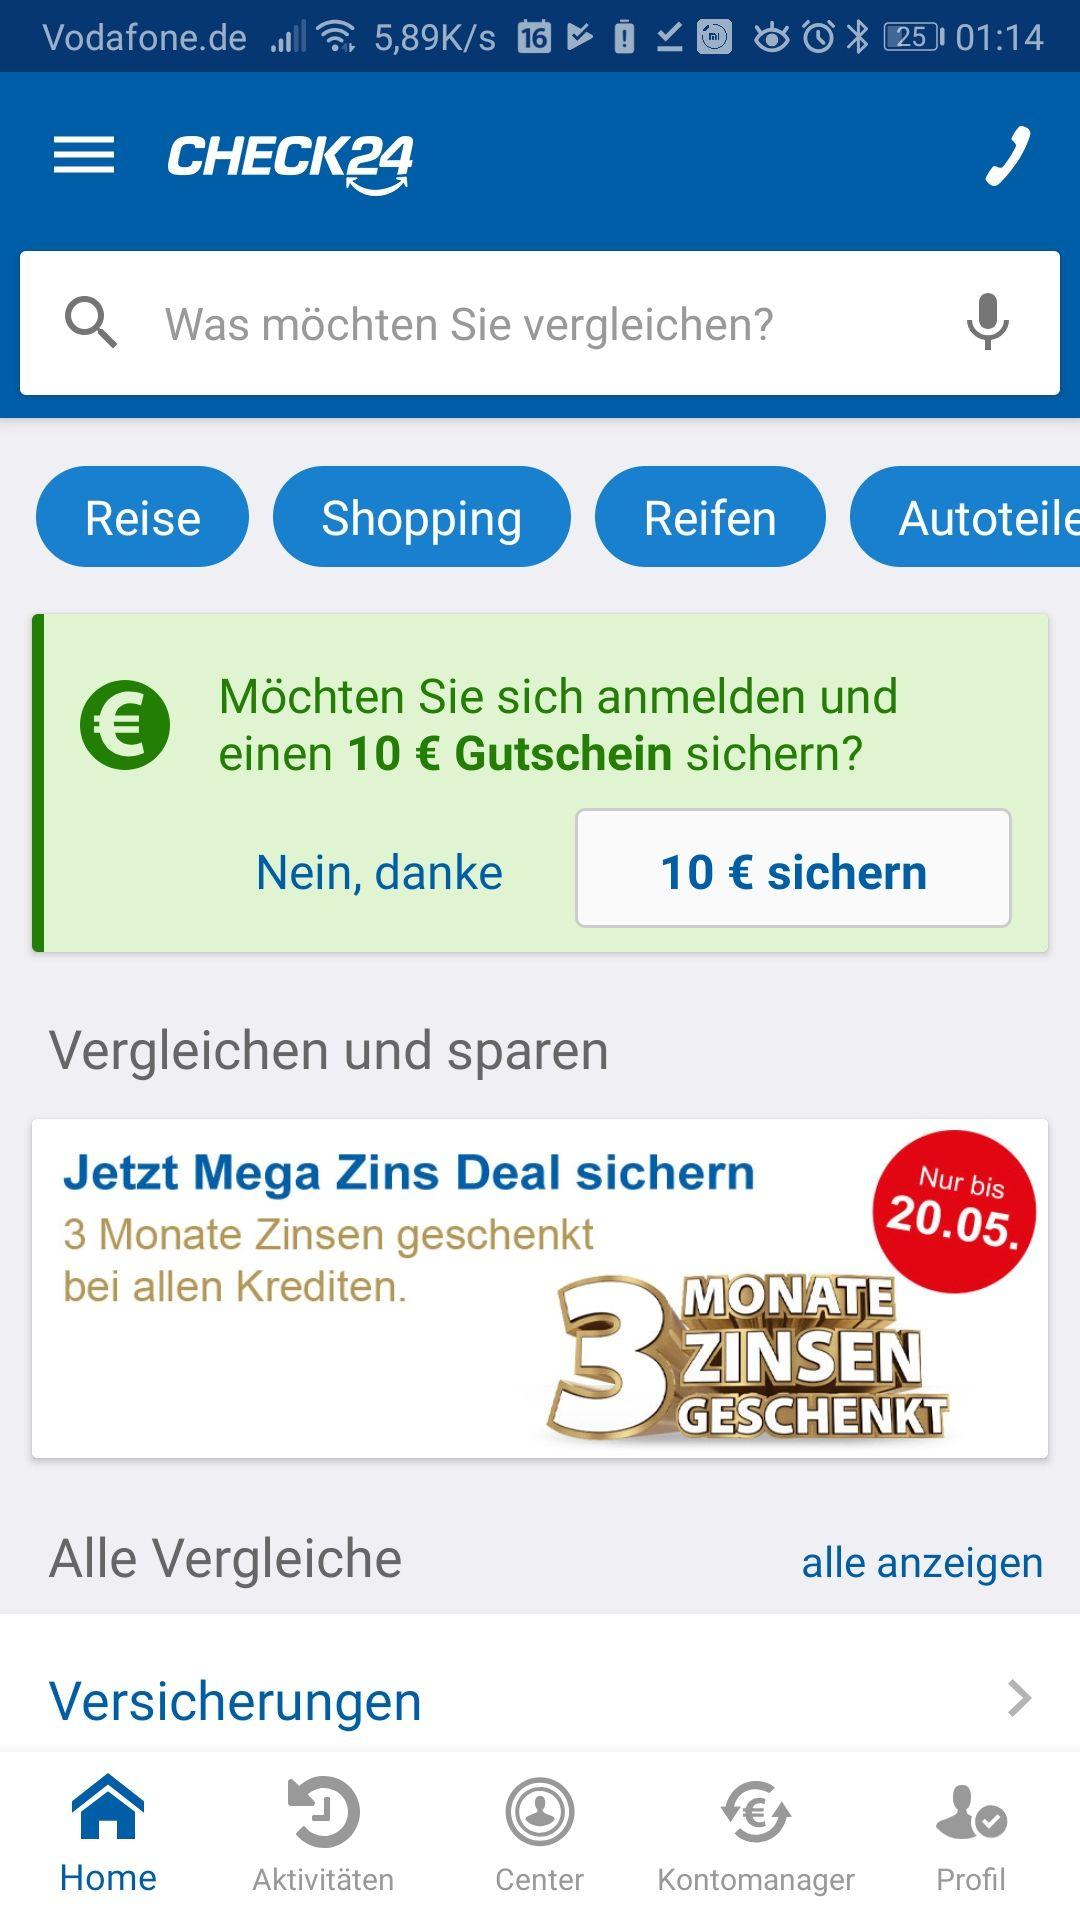 Check24 App 10€ Gutschein direkt verwendbar, evtl nur Neukunde